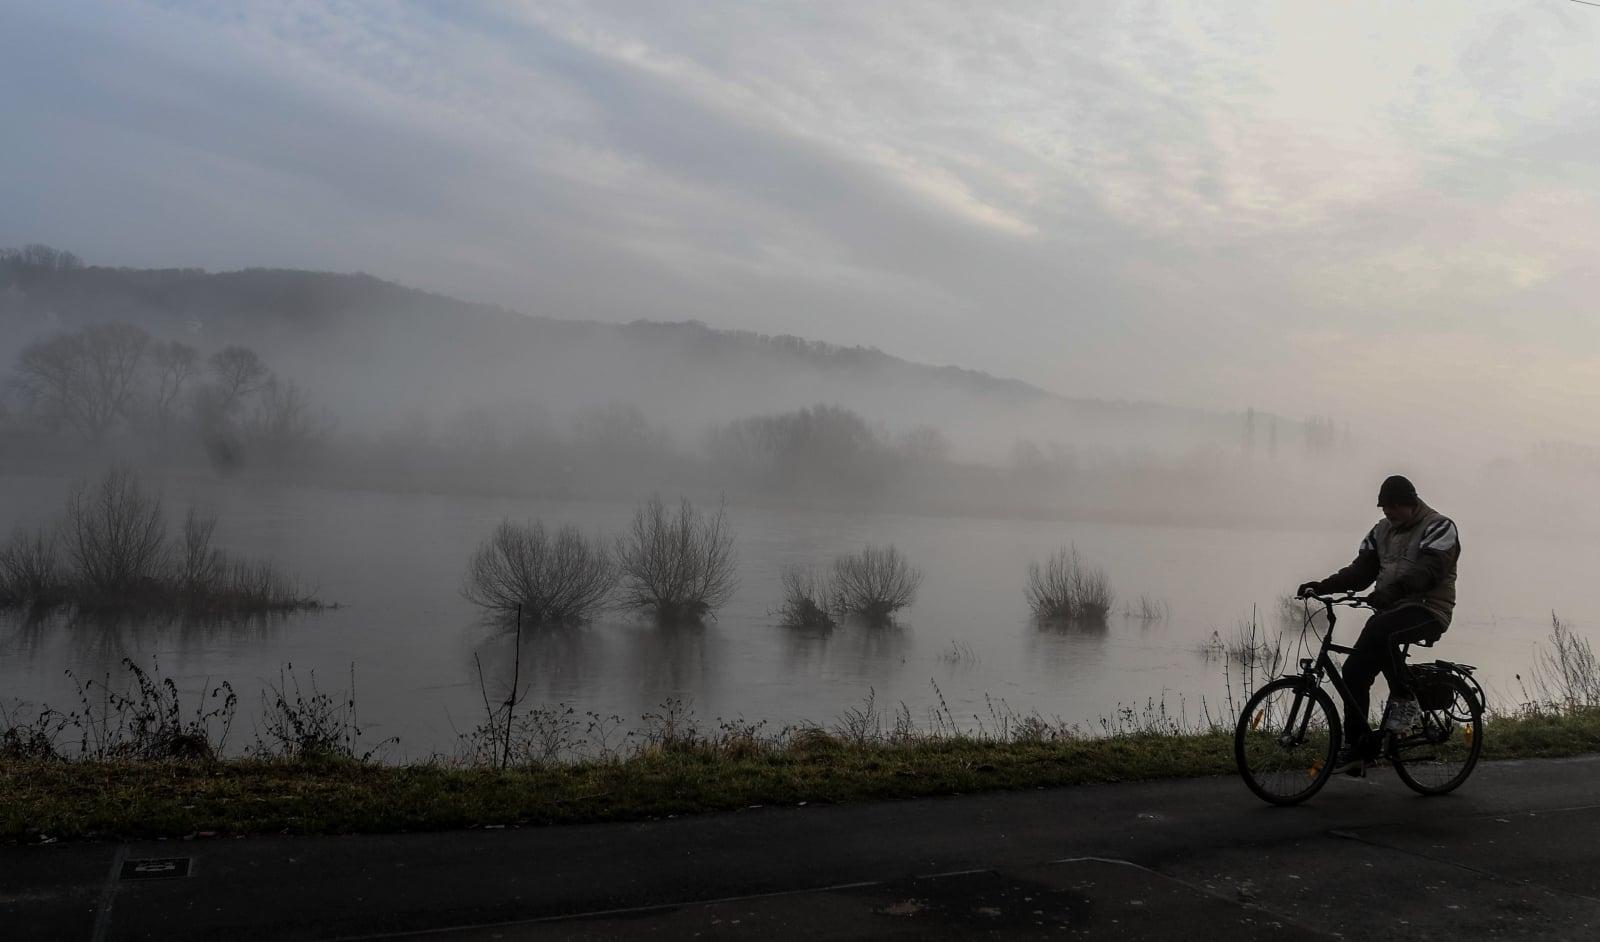 Mężczyzna jadący na rowerze w mglisty poranek koło Drezna, Niemcy, fot.EPA/FILIP SINGER